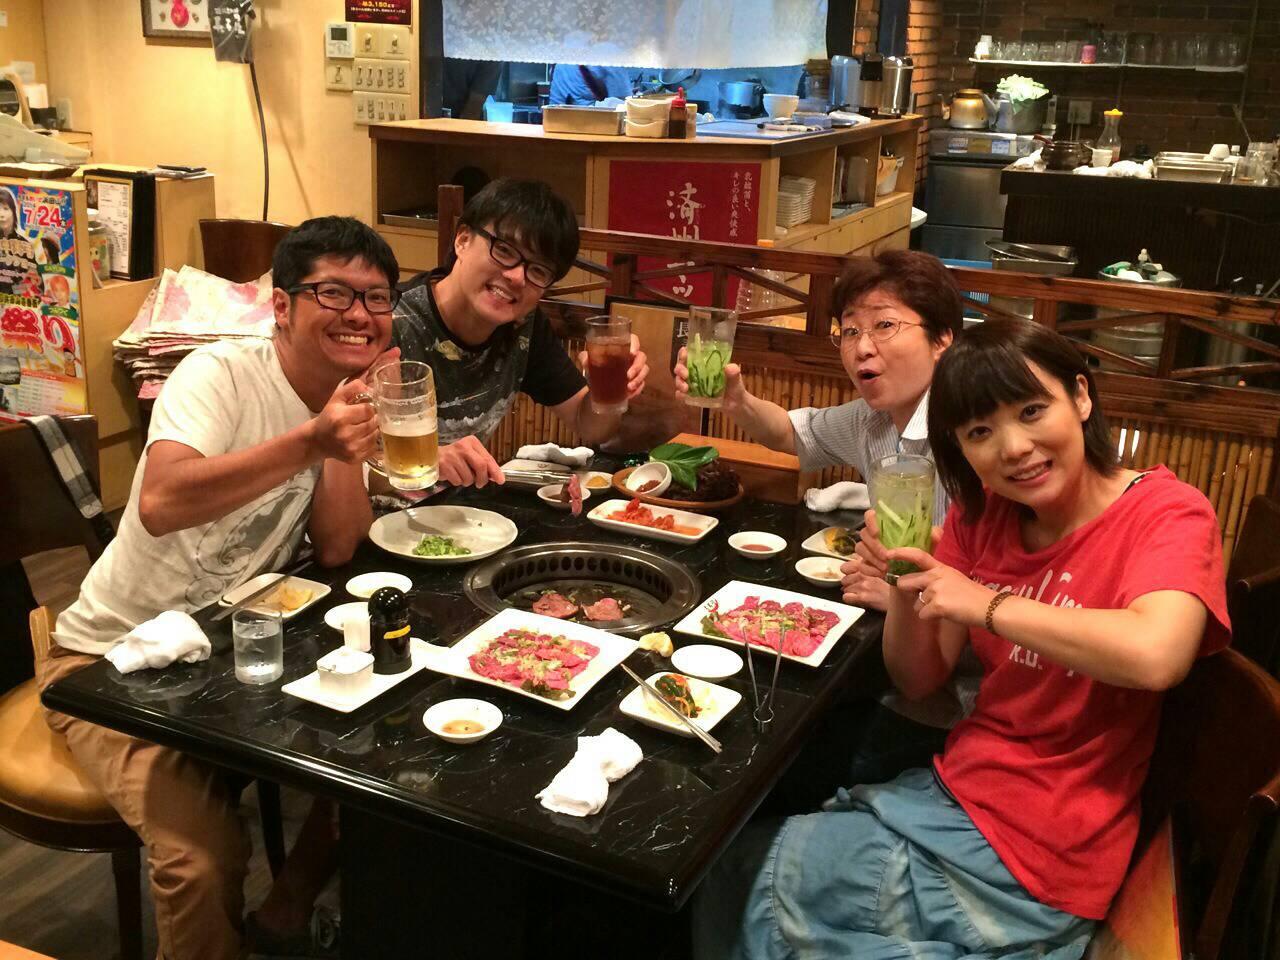 第9回夏祭り浜田山壱番街商店街_a0163623_019491.jpg